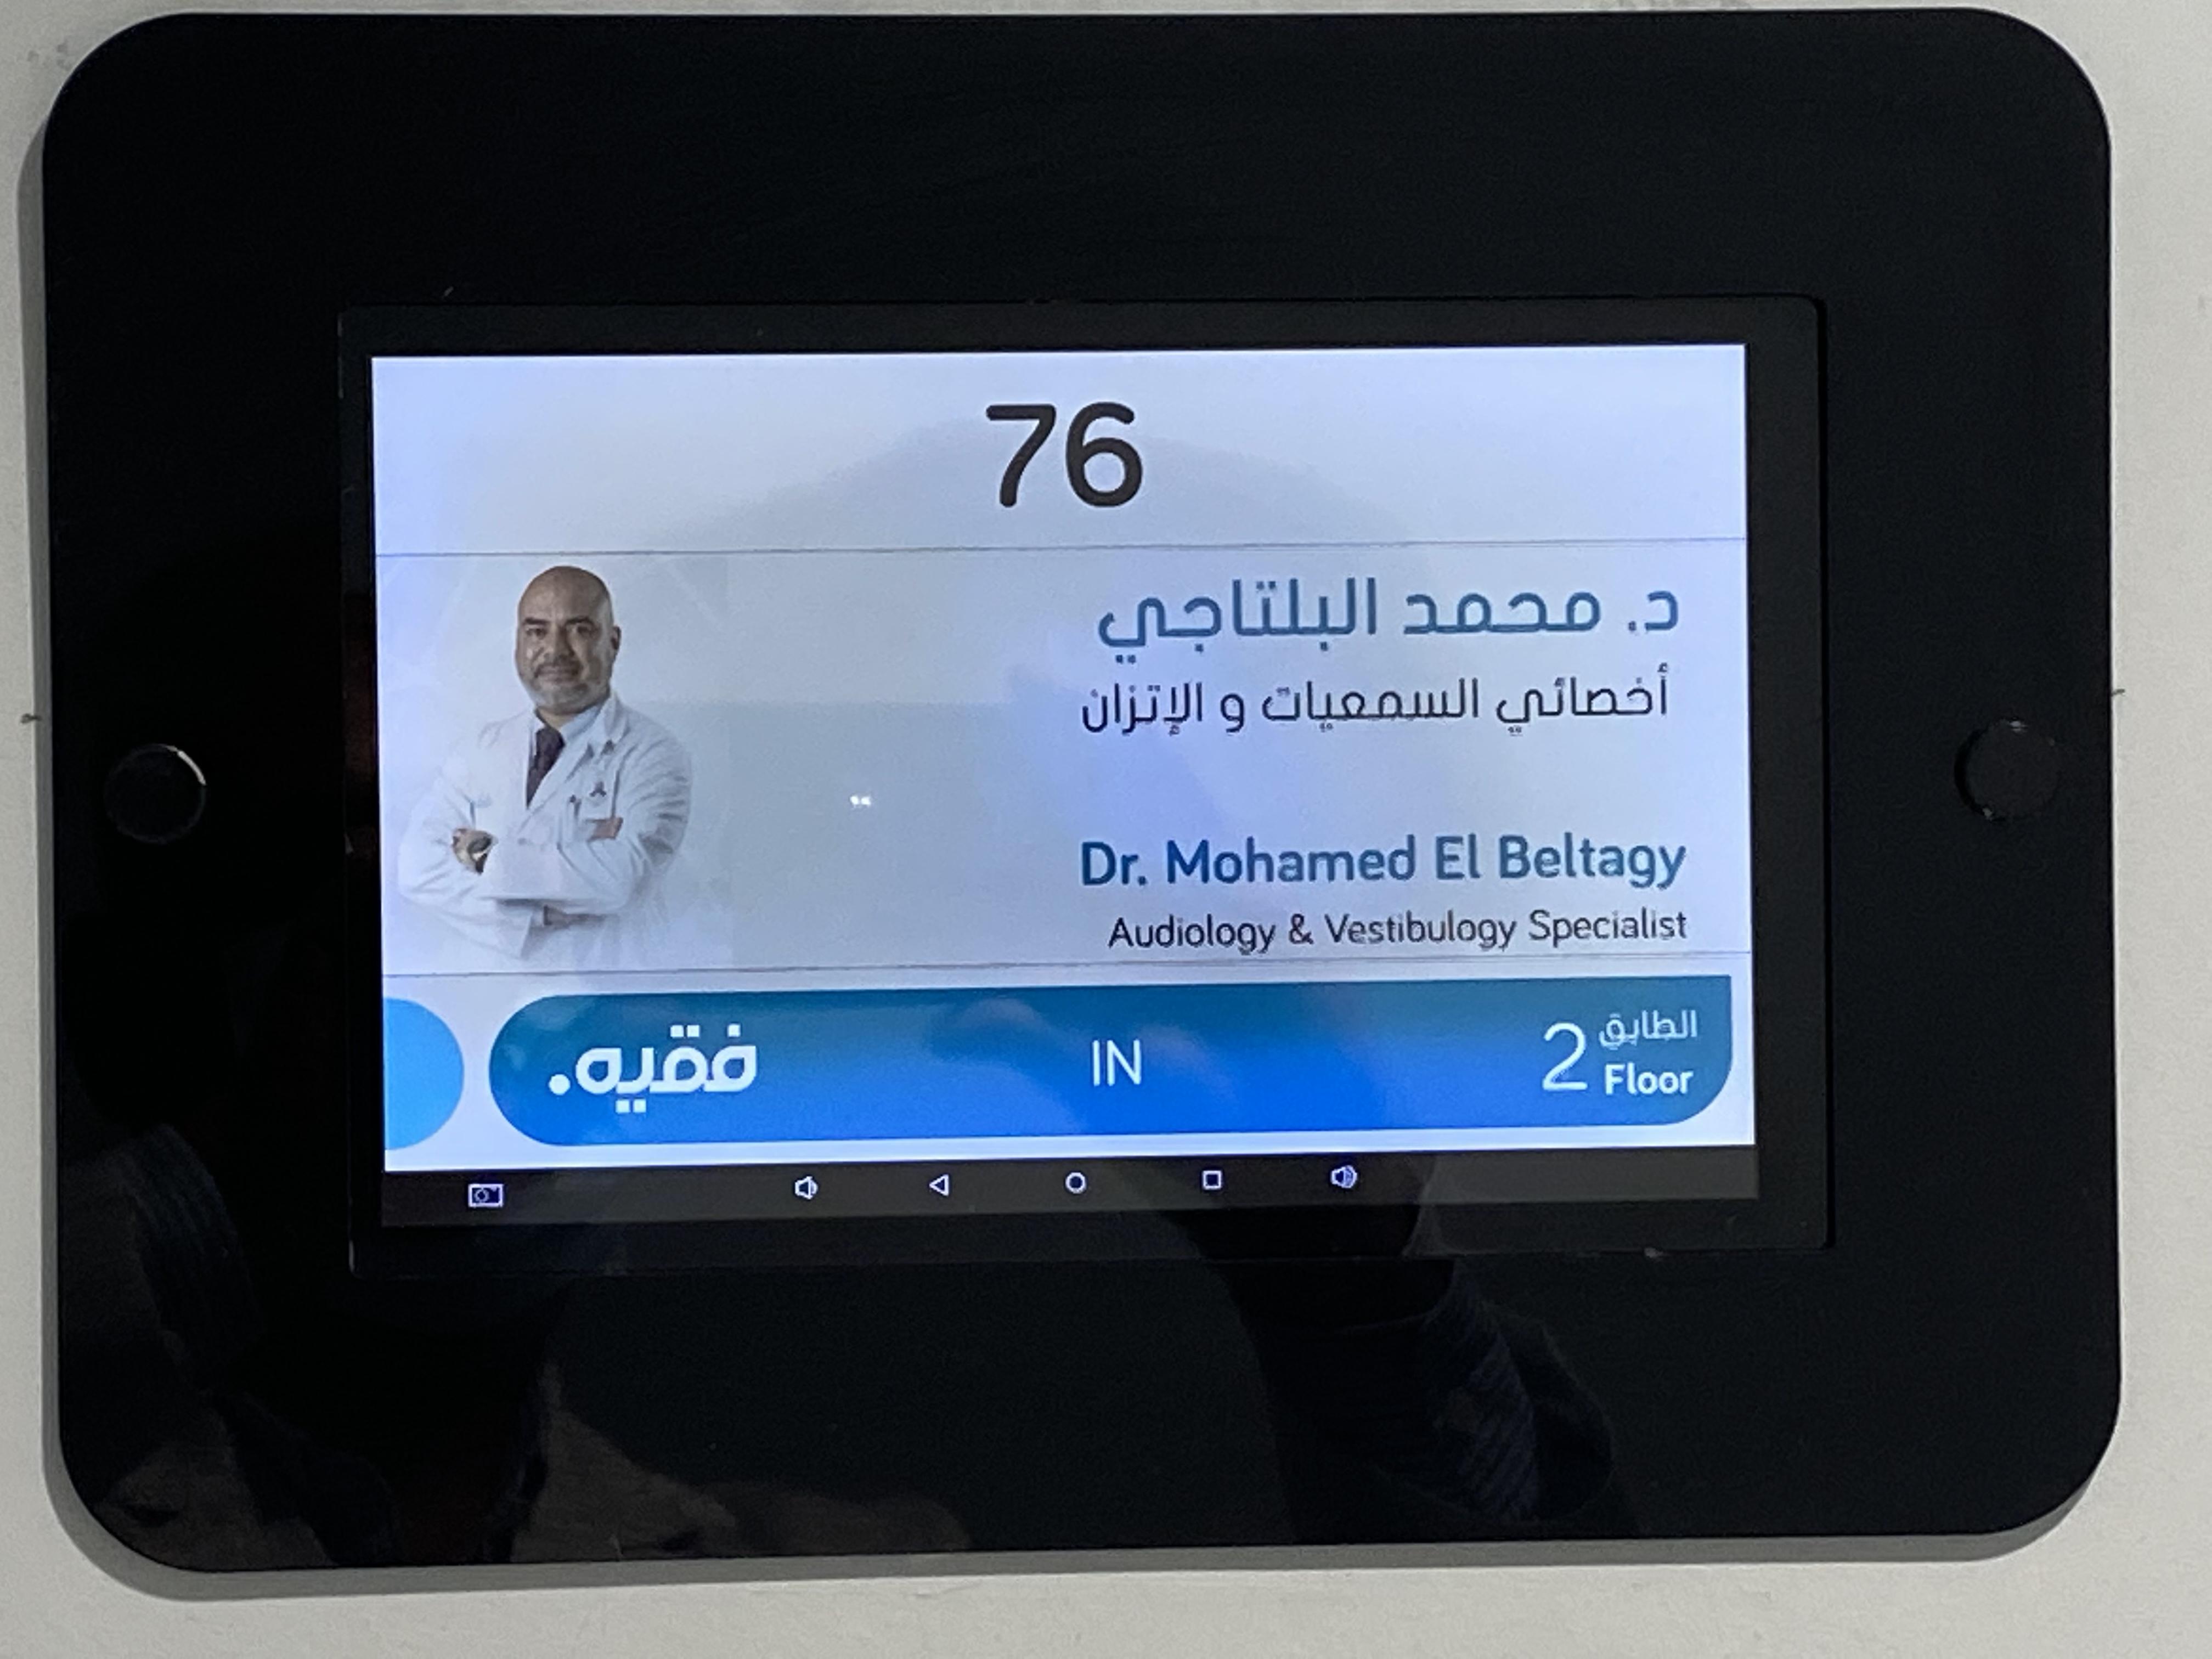 /6  colilll anno 0 Jl g alien] (pln  Dr. Mohamed El Beltagy Audiology & Vestibulogy Specialist